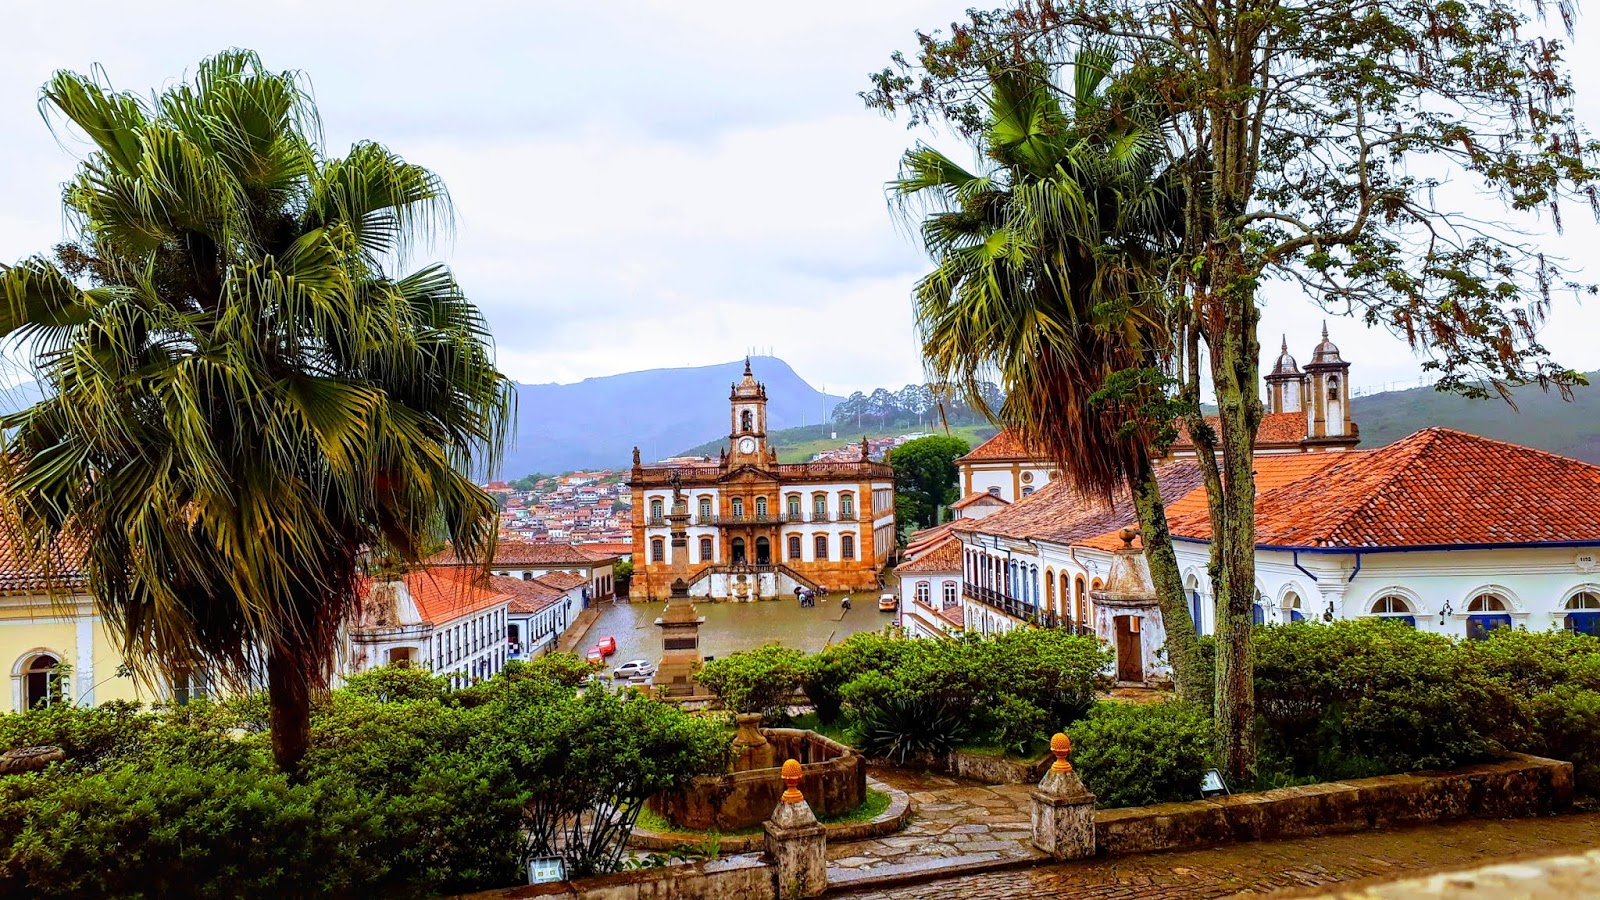 Vista para a cidade de Ouro Preto a partir do interior do Museu da Ciência e da Técnica da Escola de Minas